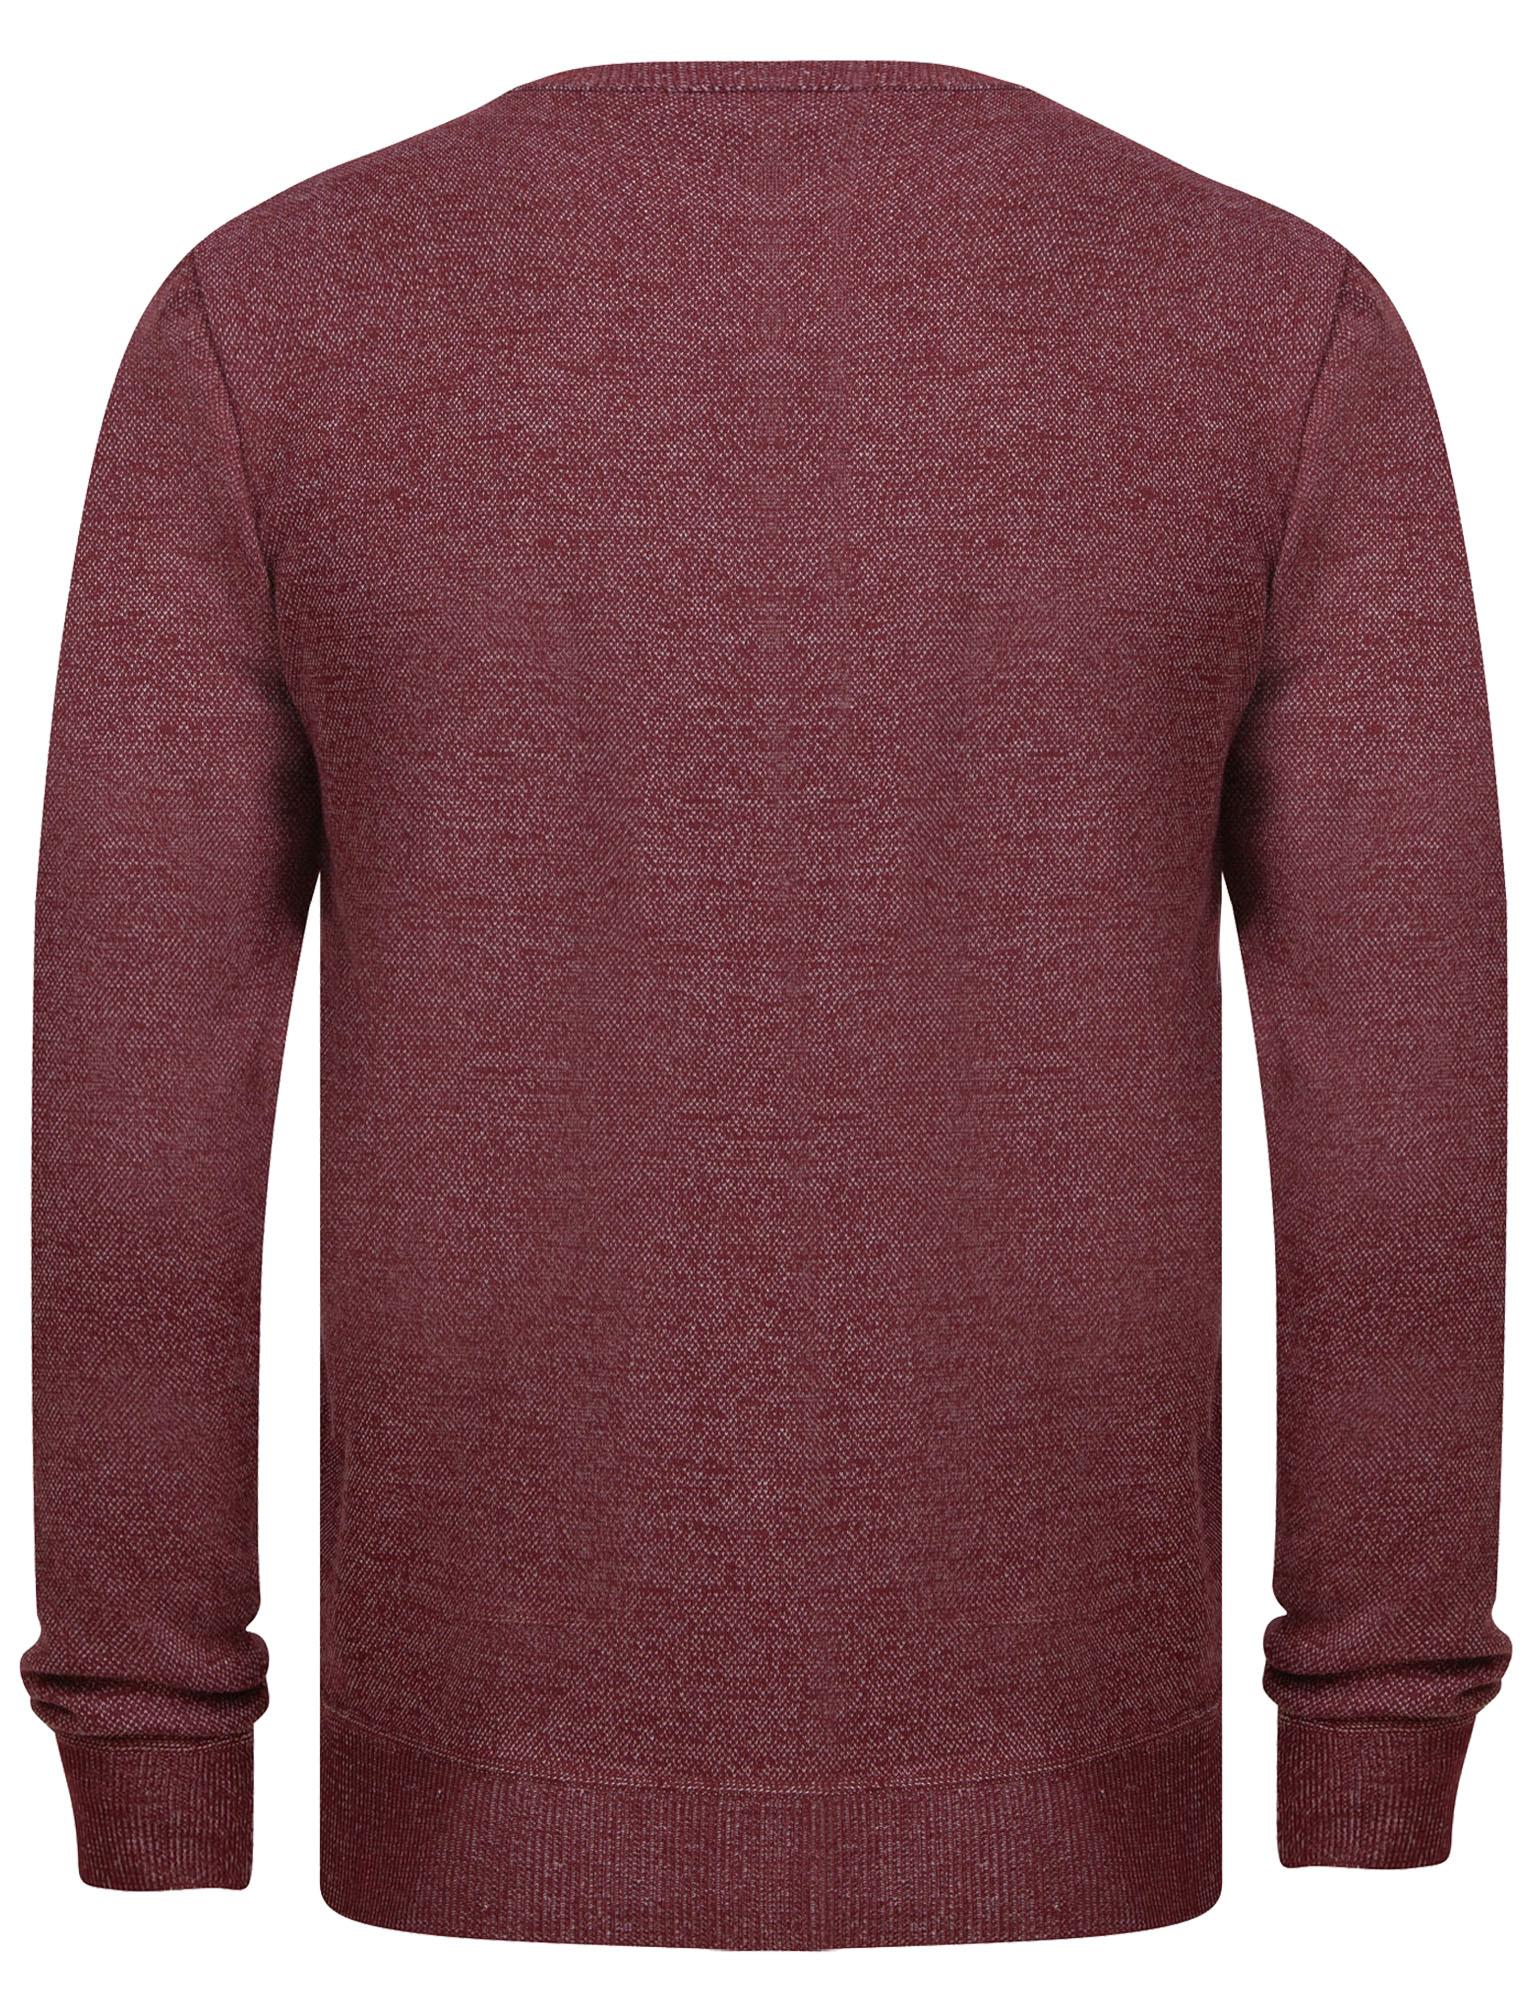 Kensington-Eastside-Men-039-s-Knitted-Crew-or-V-Neck-Jumper-Sweater-Top-Pullover thumbnail 62